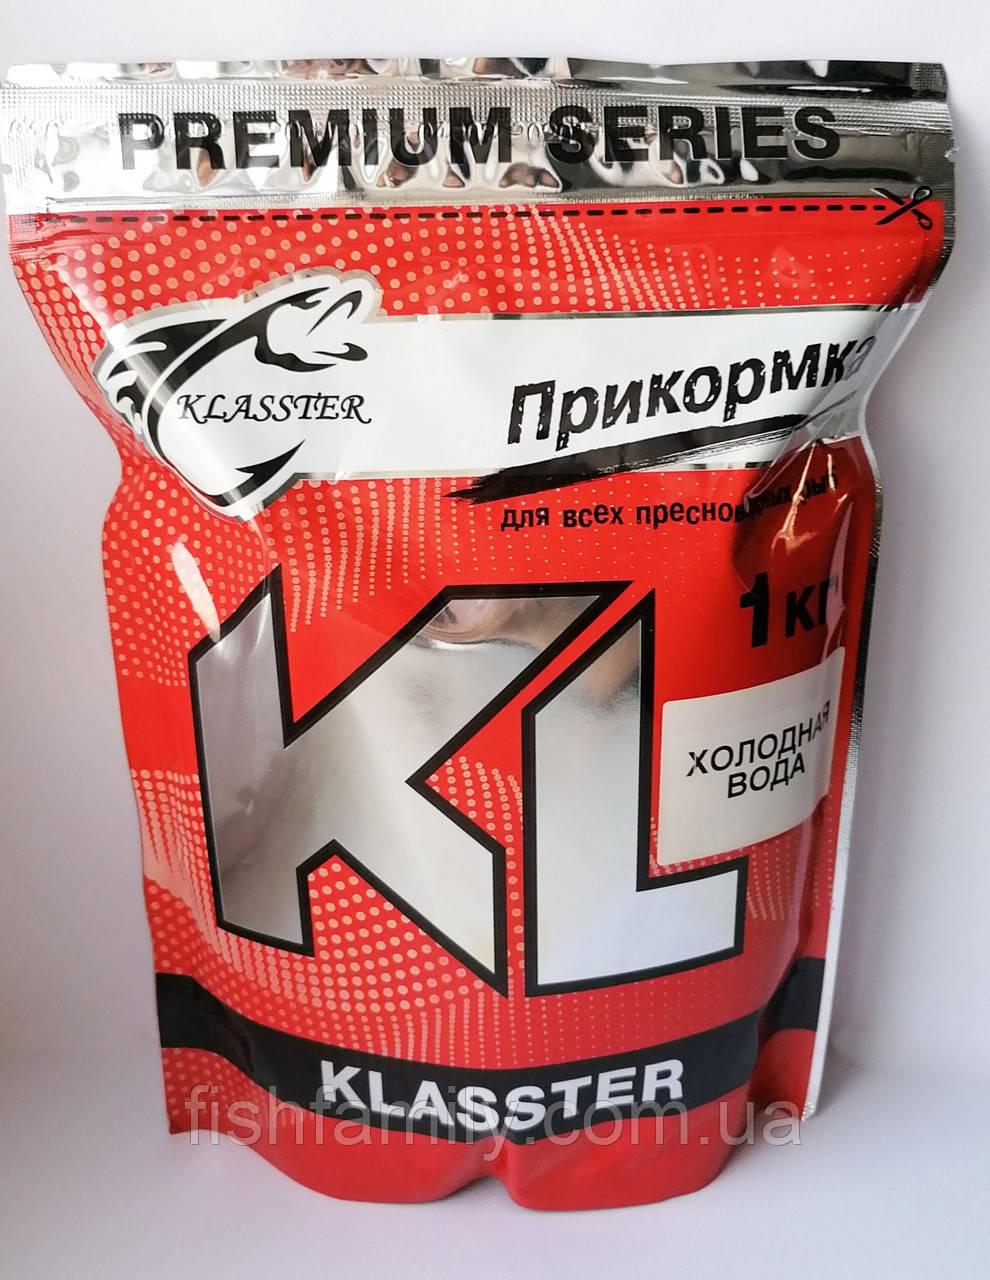 Прикормка Klasster Red Series Холодная вода альбумин 1 кг